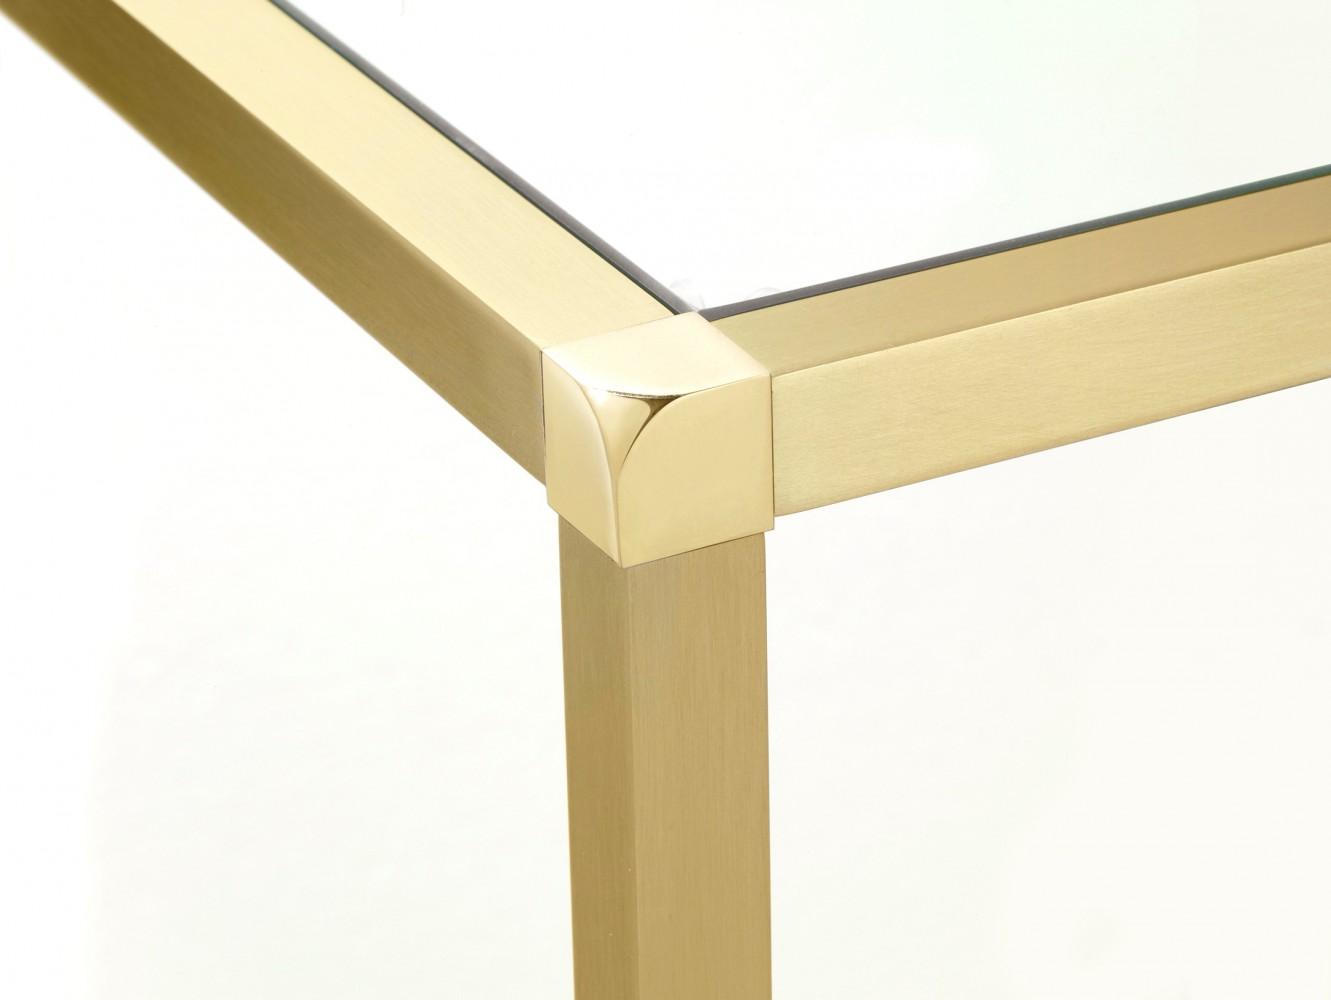 console laiton satin 80 x 26 x d couvrez mobiliers miroirs jeancel luminaires. Black Bedroom Furniture Sets. Home Design Ideas